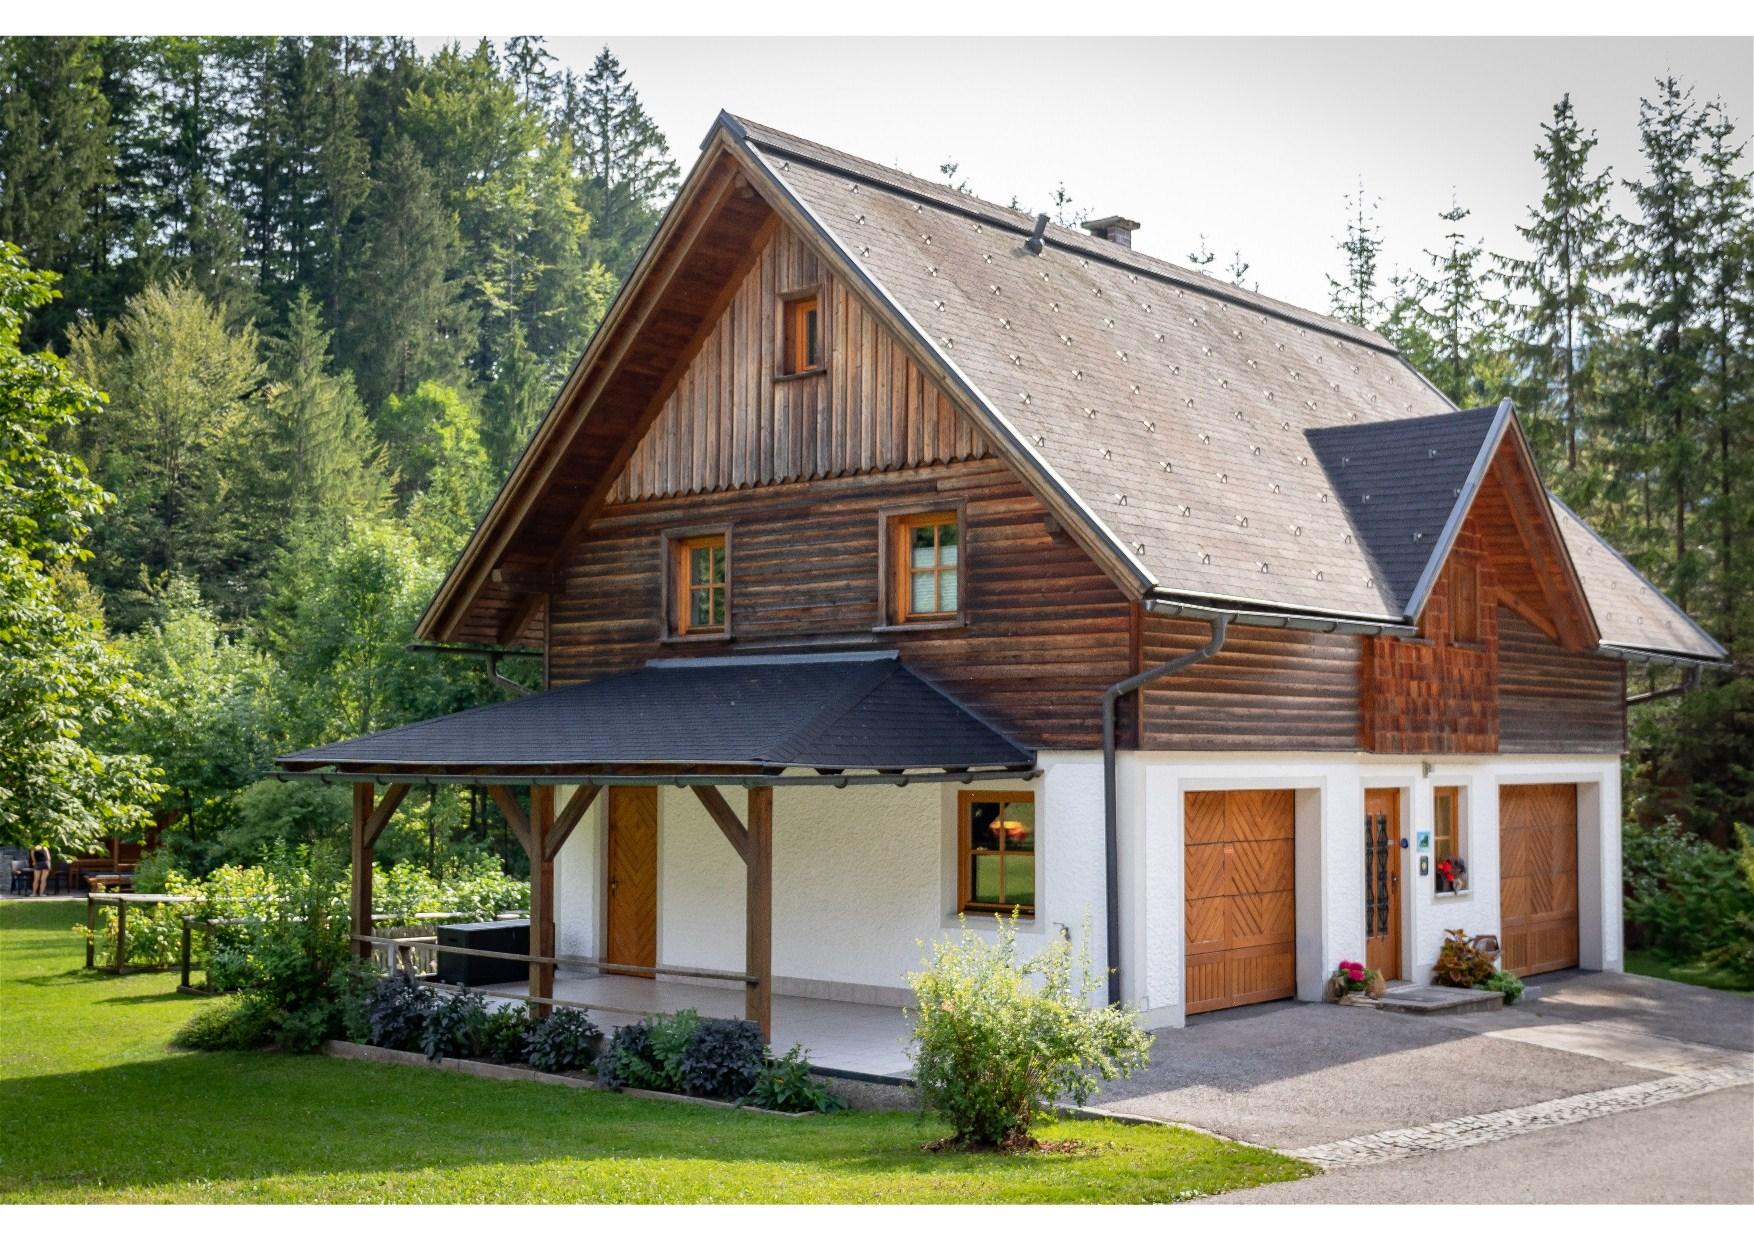 Appartement de vacances Göstling (Göstling an der Ybbs). Göstling (2780810), Göstling an der Ybbs, Mostviertel, Basse Autriche, Autriche, image 38